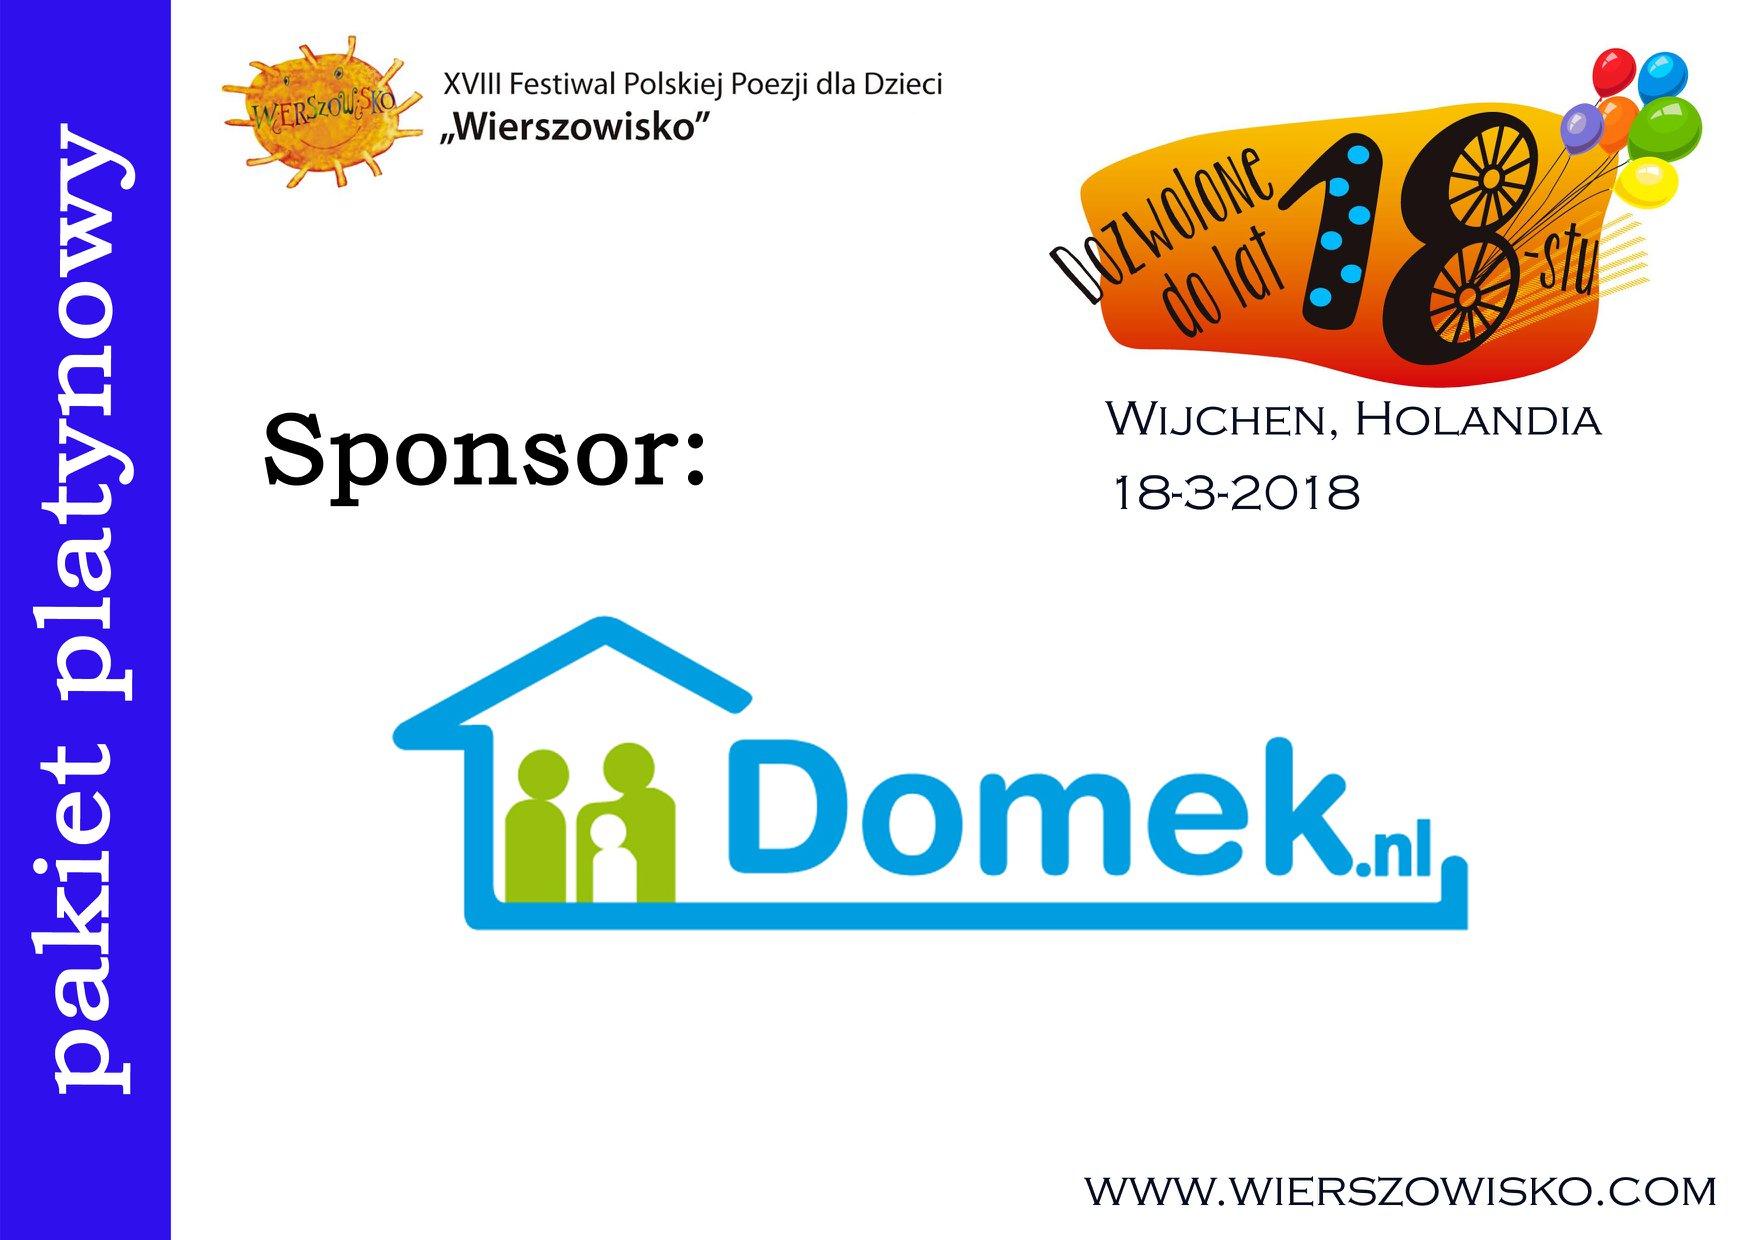 Domek.nl